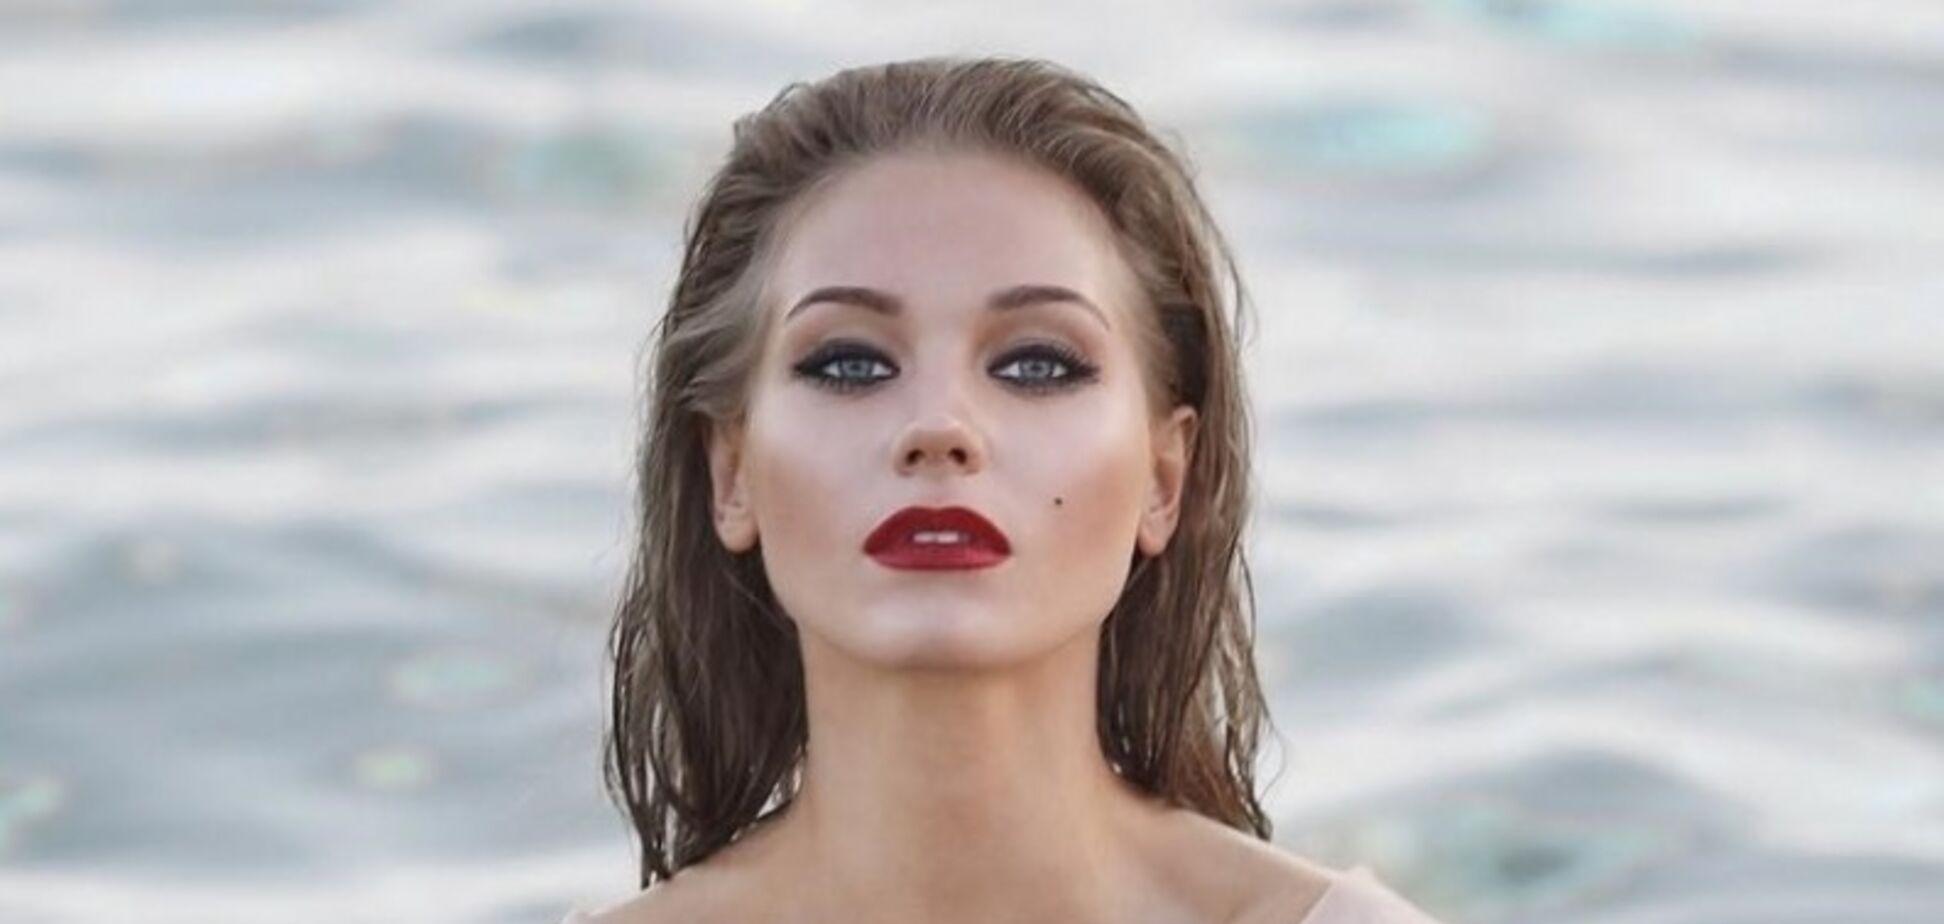 Кристине Асмус– 32: самые откровенные фото звезды 'Интернов' и 'Текста'